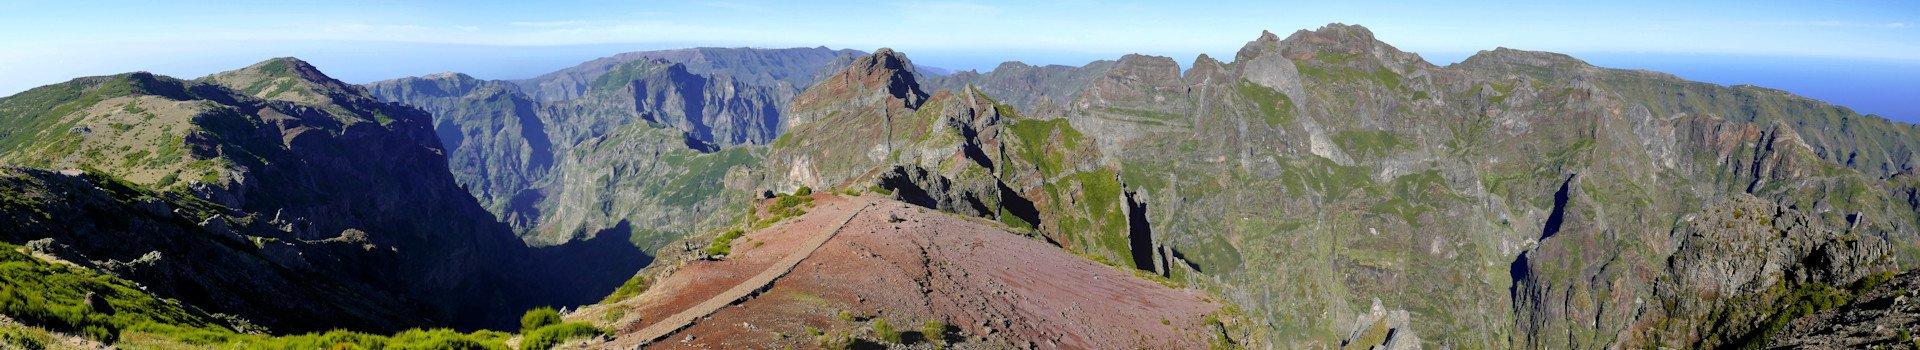 Pico do Arieiro – Pico Ruivo